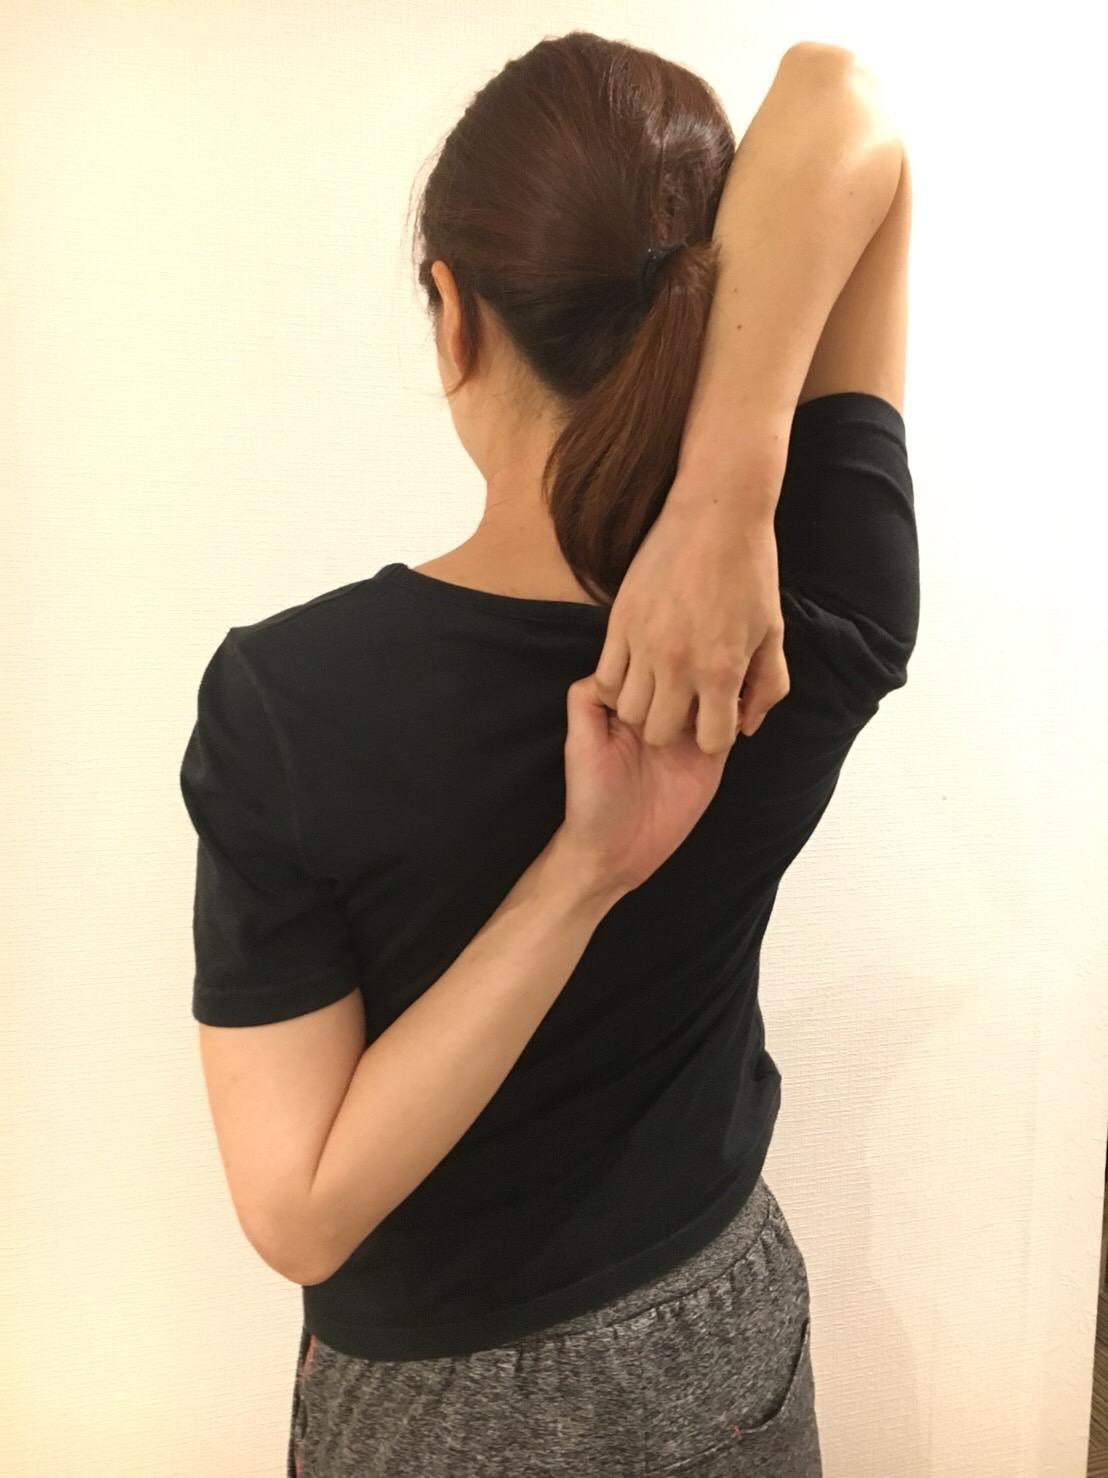 背中で手をつなげるようになるストレッチ / ストレッチアップ福岡店 ストレッチアップ   定額制のストレッチ専門店